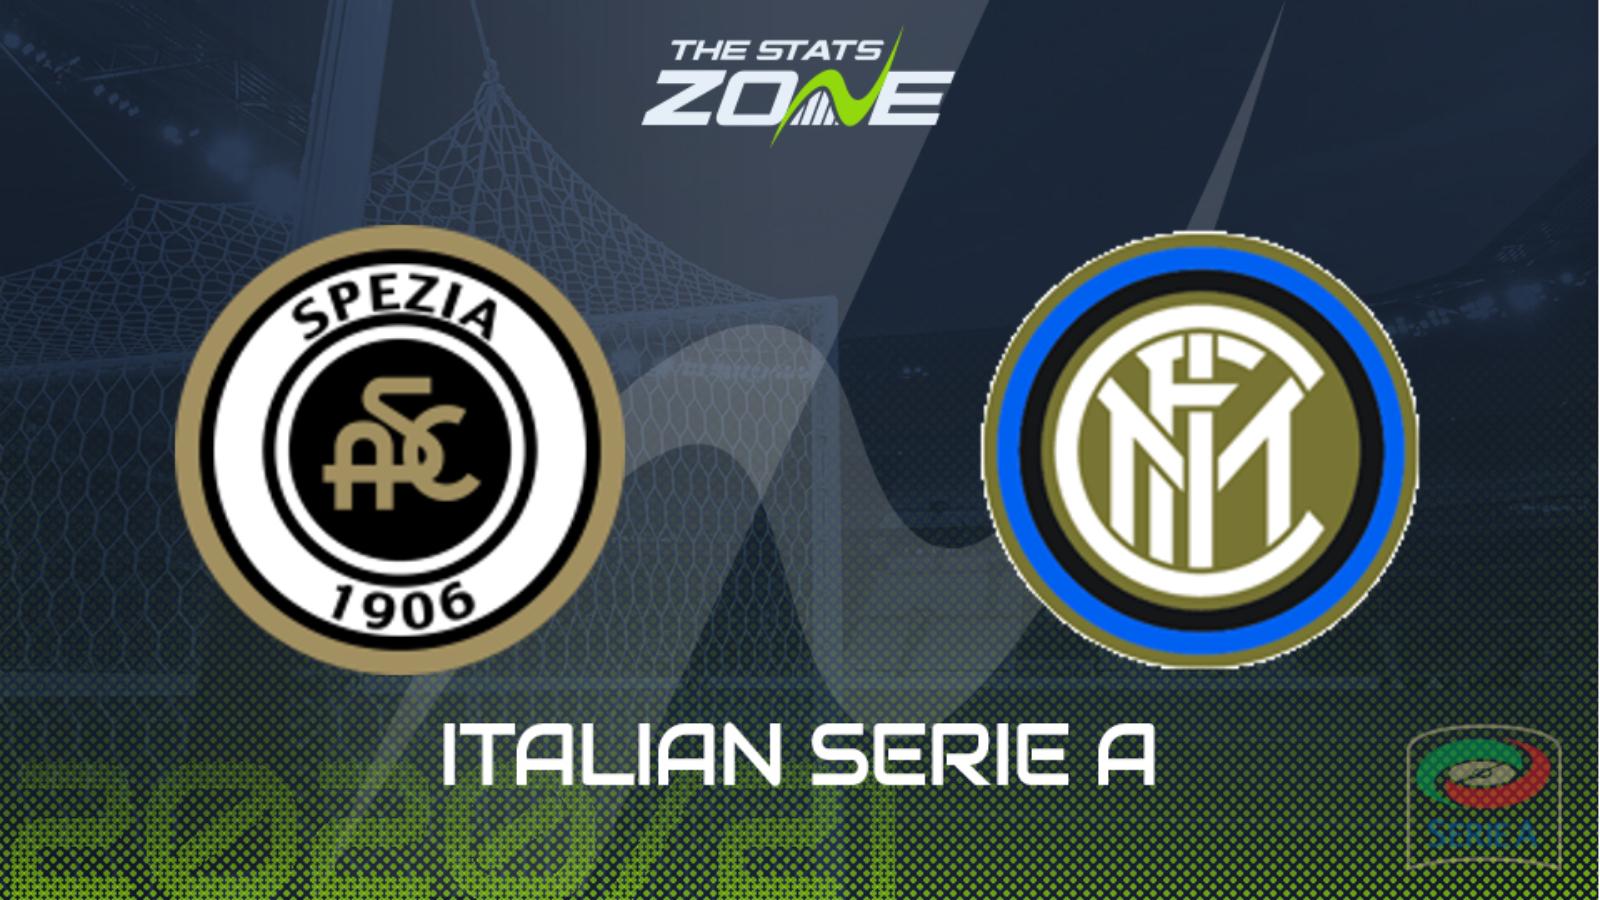 Spezia vs Inter Milan Full Match – Serie A 2020/21